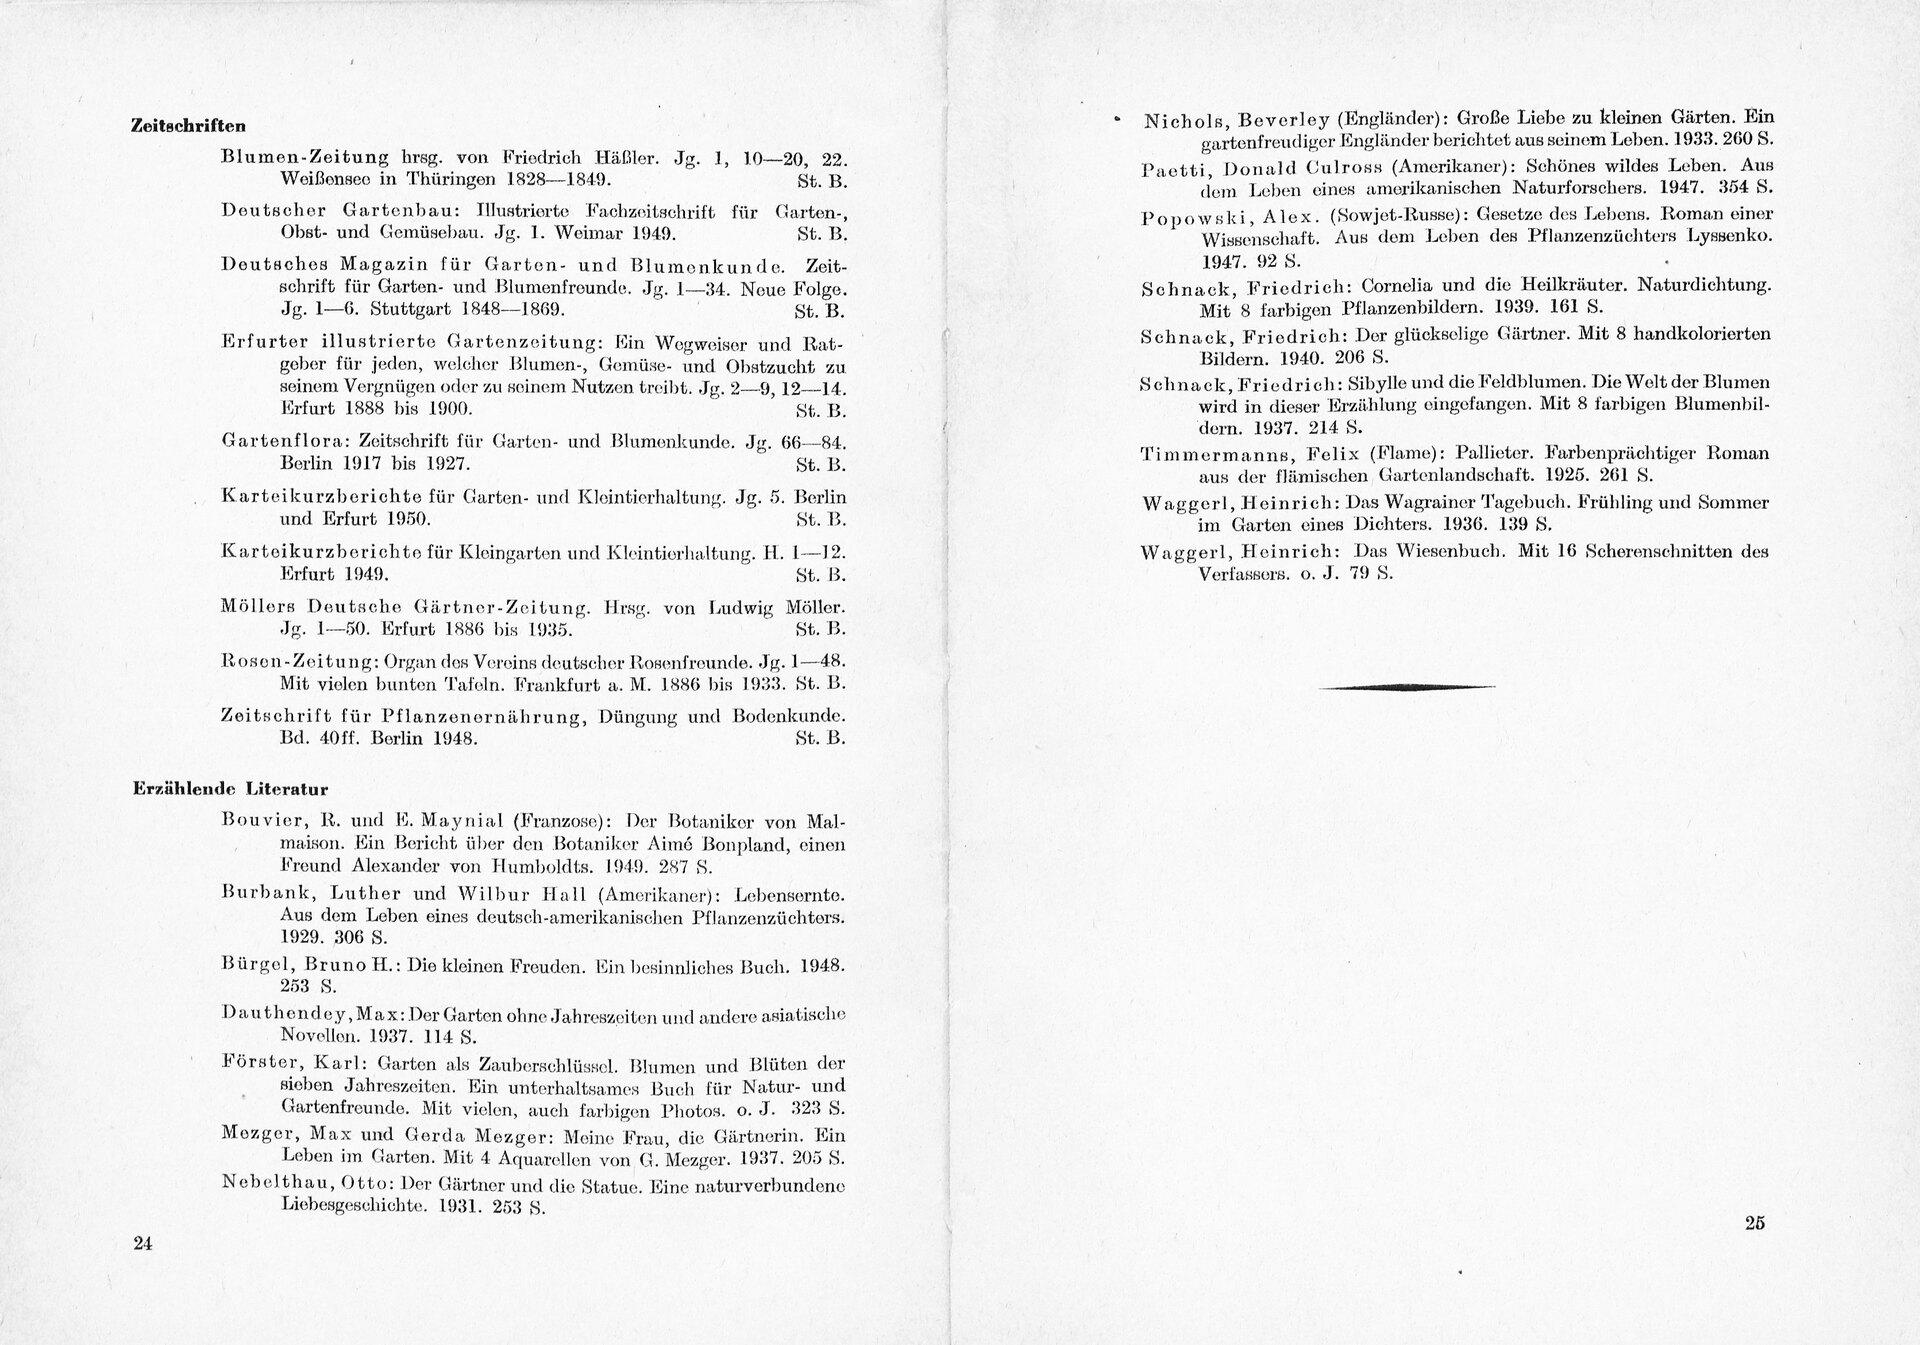 Auswahlverzeichnis.21.24.25.jpg